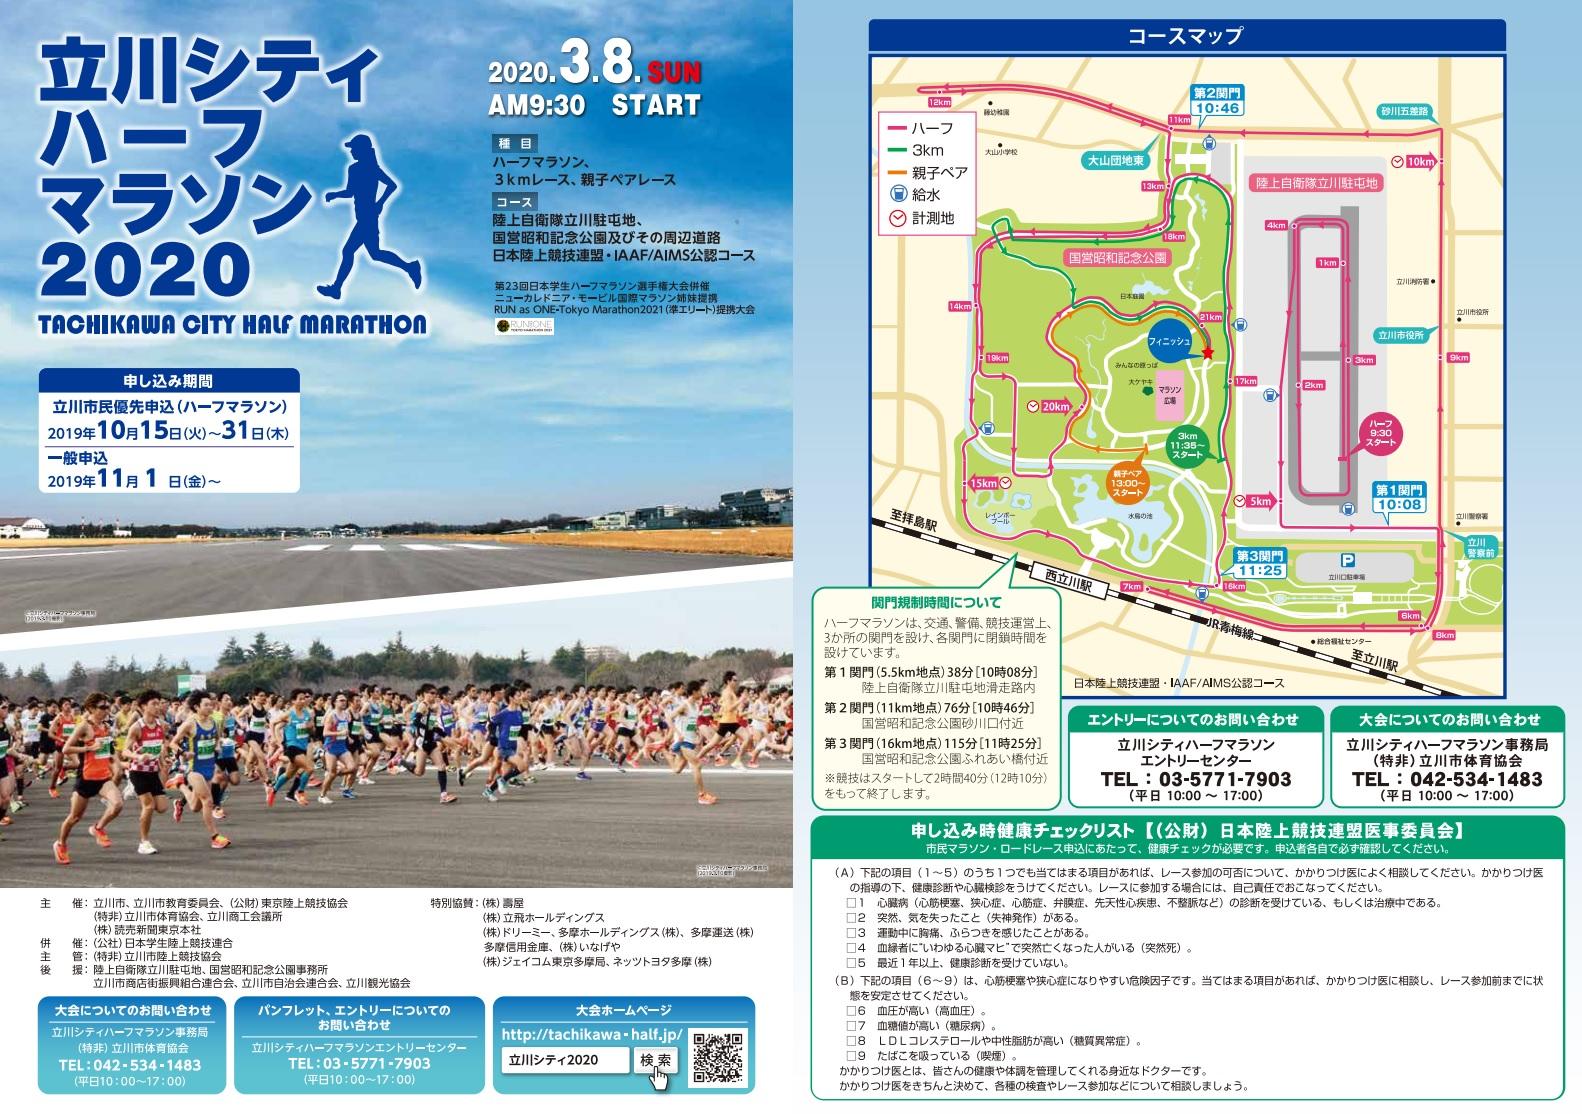 日本学生ハーフマラソン選手権大会2020結果速報・出場選手・立川シティ